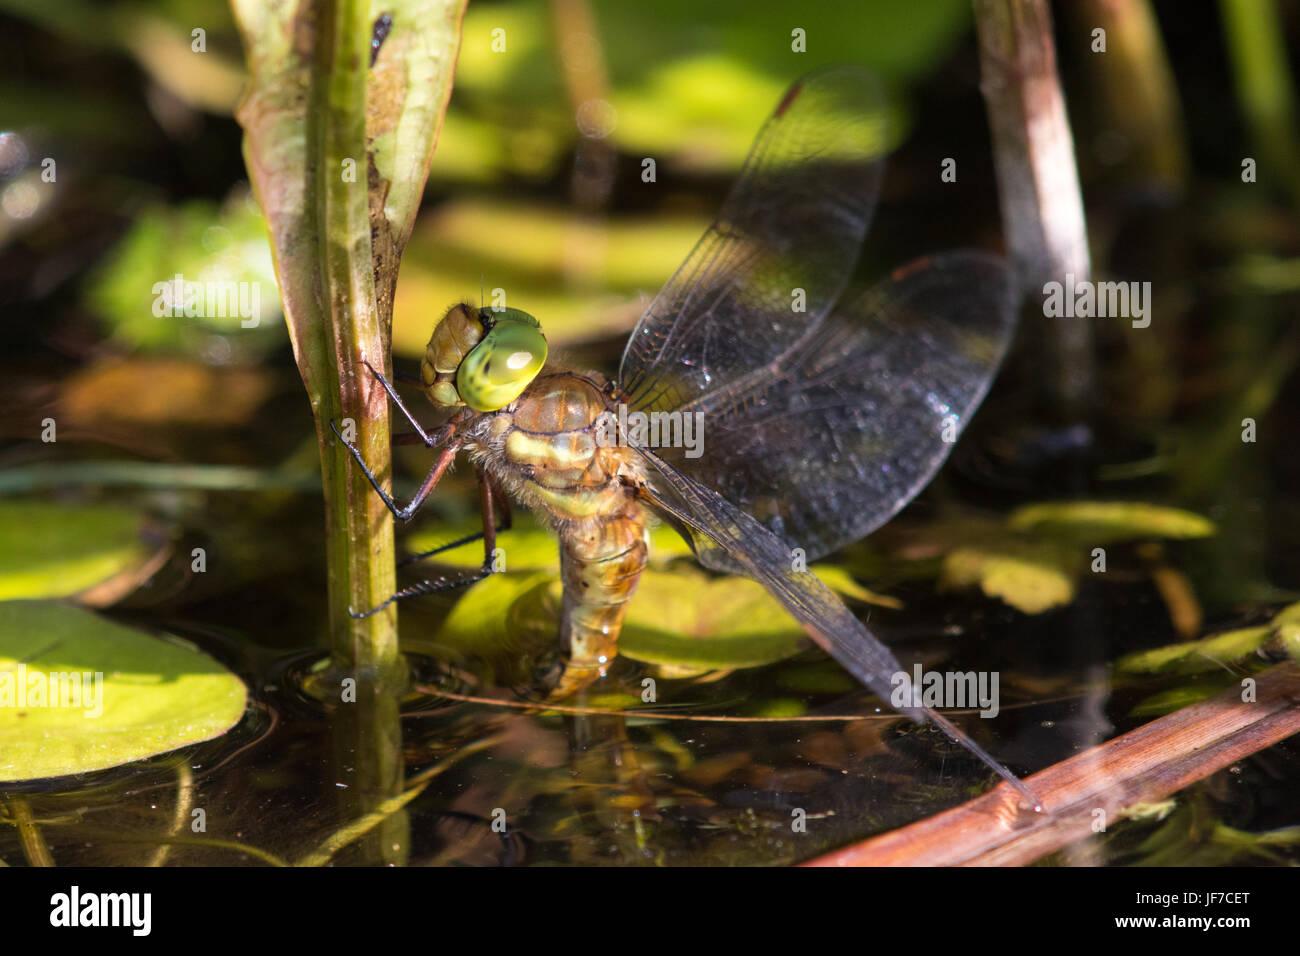 weibliche Norfolk Hawker (Aeshna drehbar) Libelle Eiablage unter dem Wasserspiegel auf emergent vegetation Stockbild